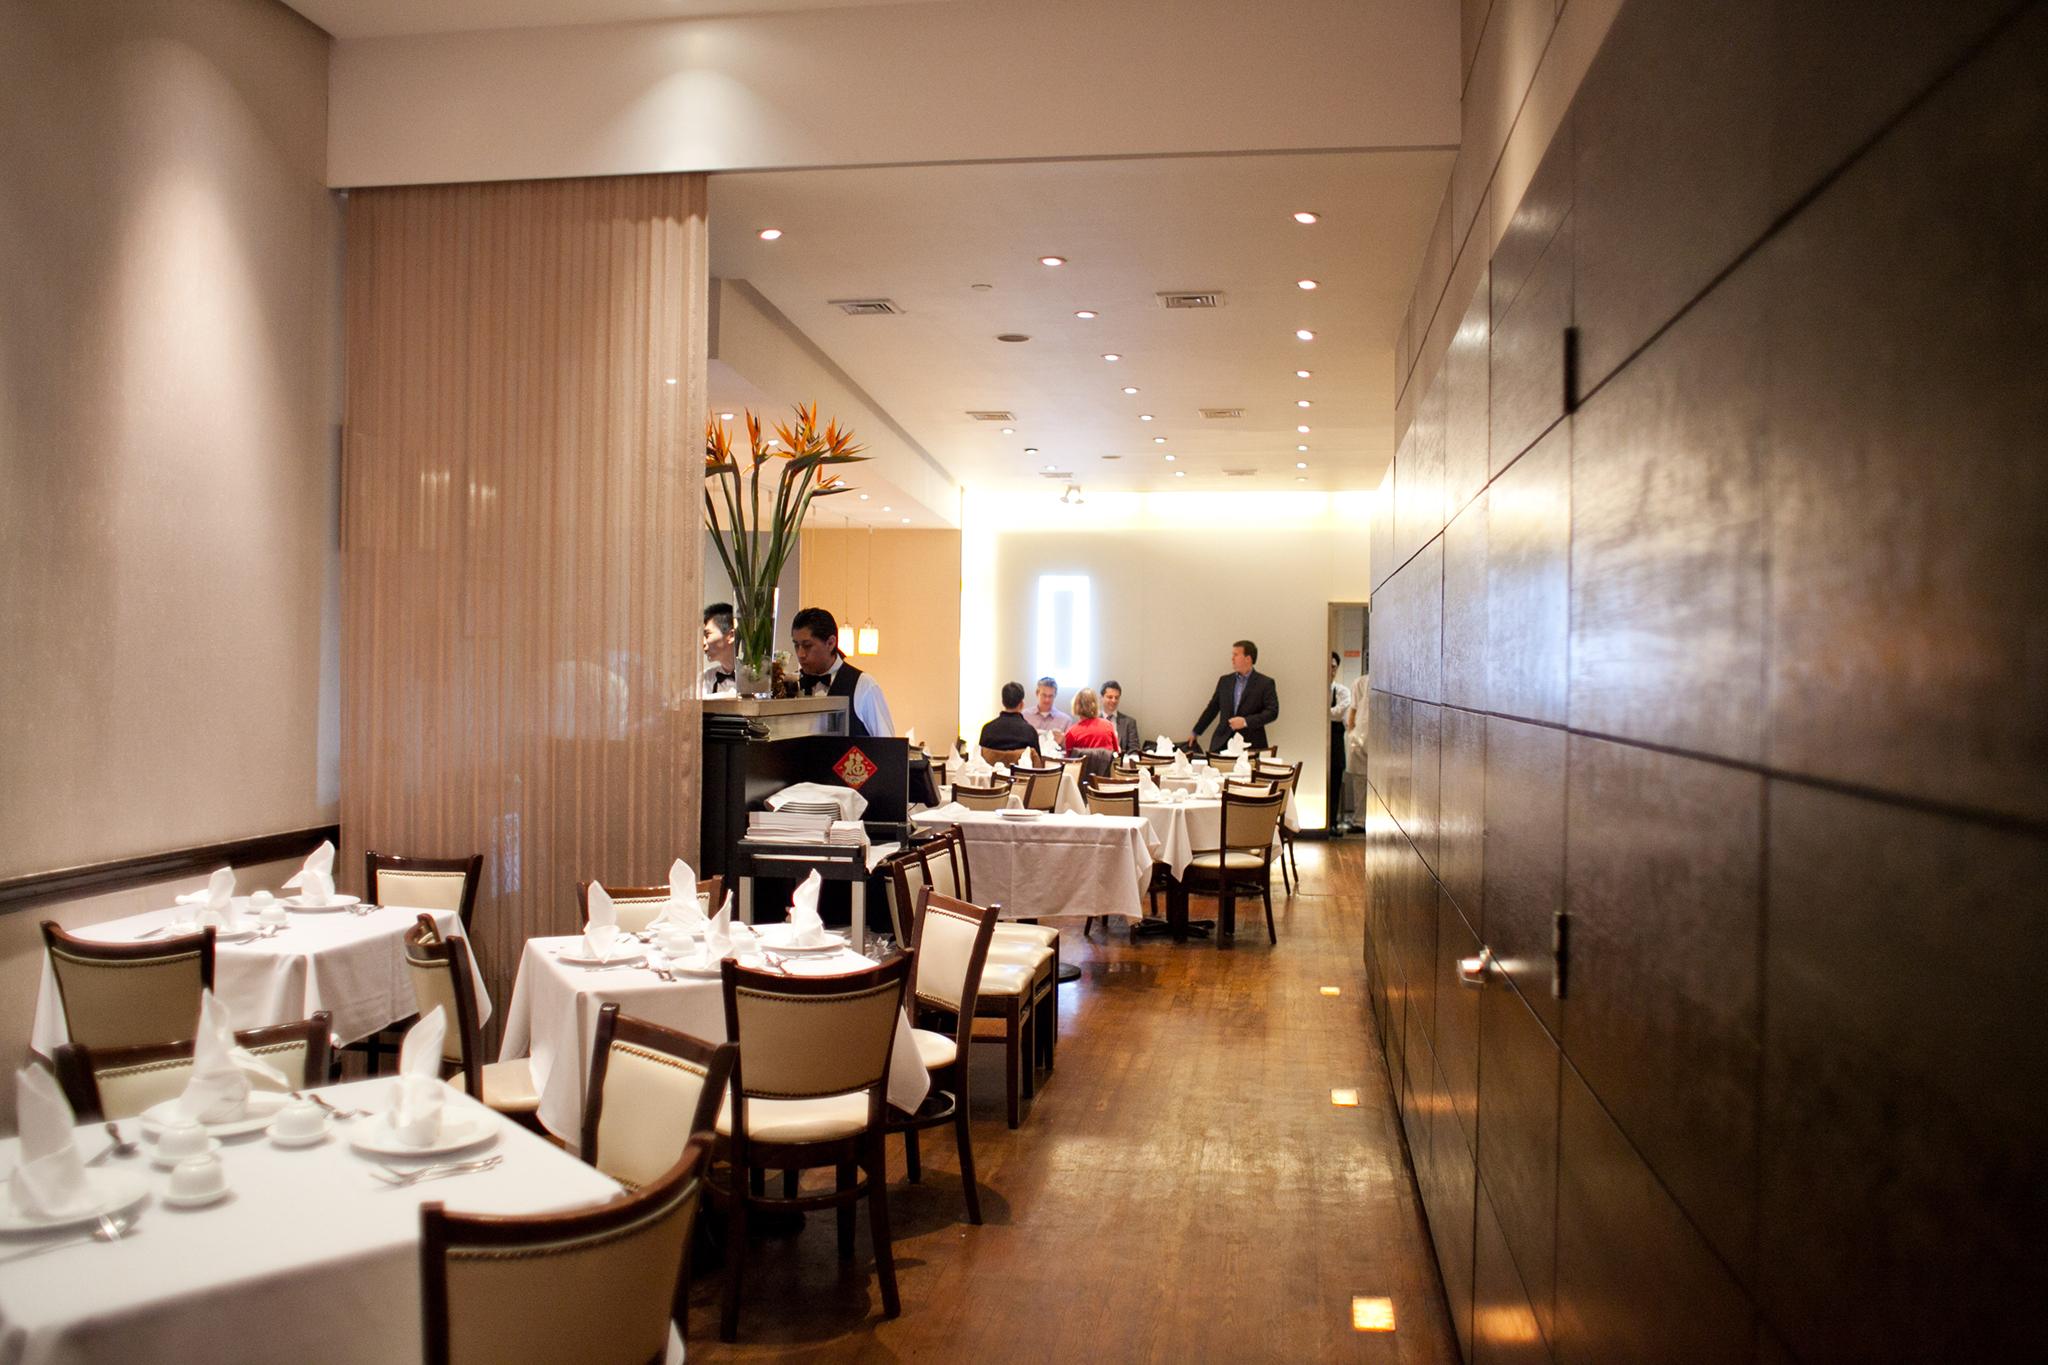 Wondrous Peking Duck House Restaurants In Chinatown New York Download Free Architecture Designs Scobabritishbridgeorg